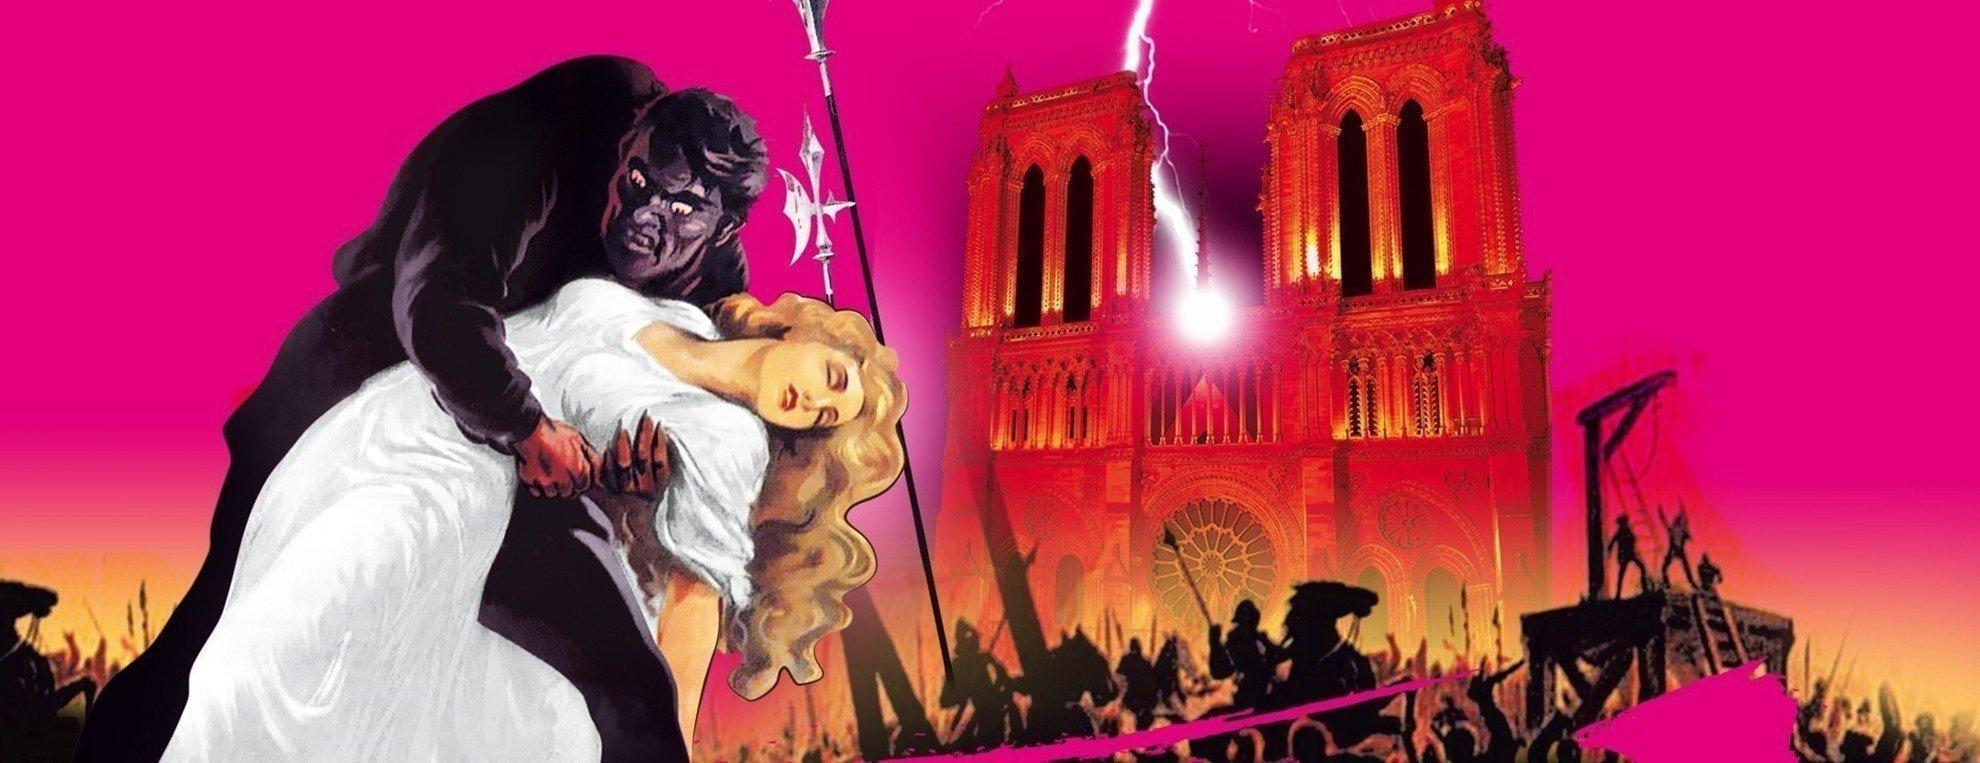 событие Notre Dame de Paris Le Concert